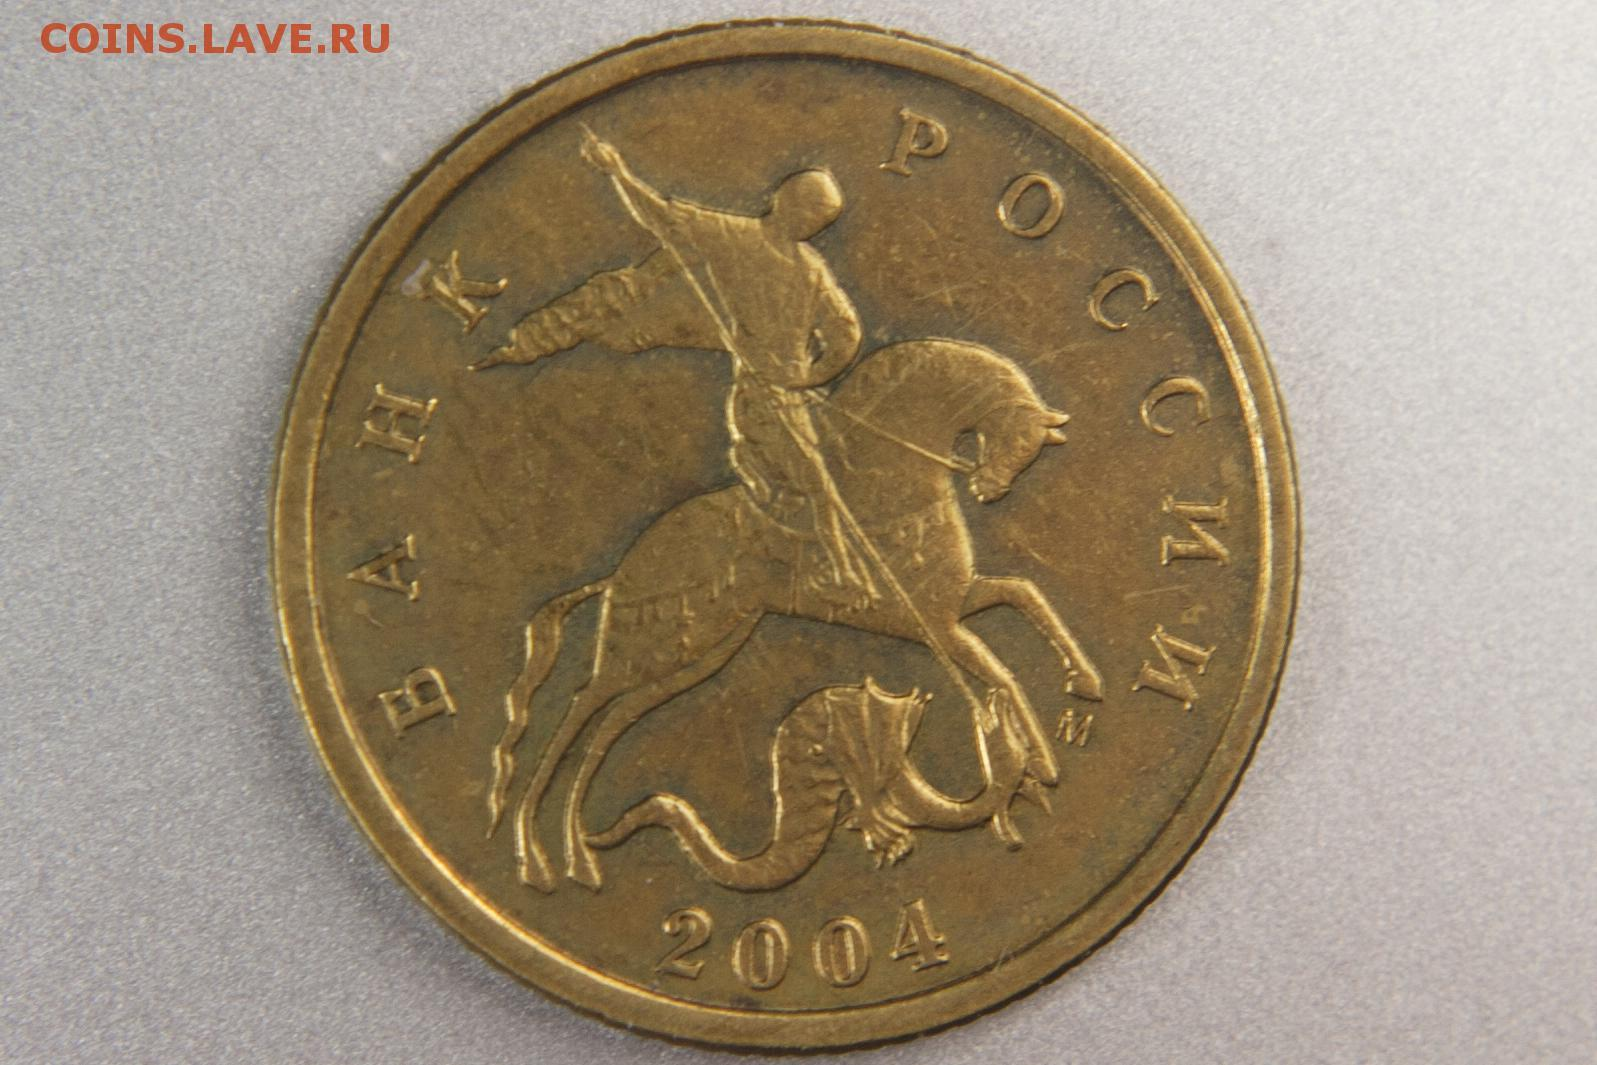 Сколько стоит 50 копеек 2004 2 копейки 1797 года